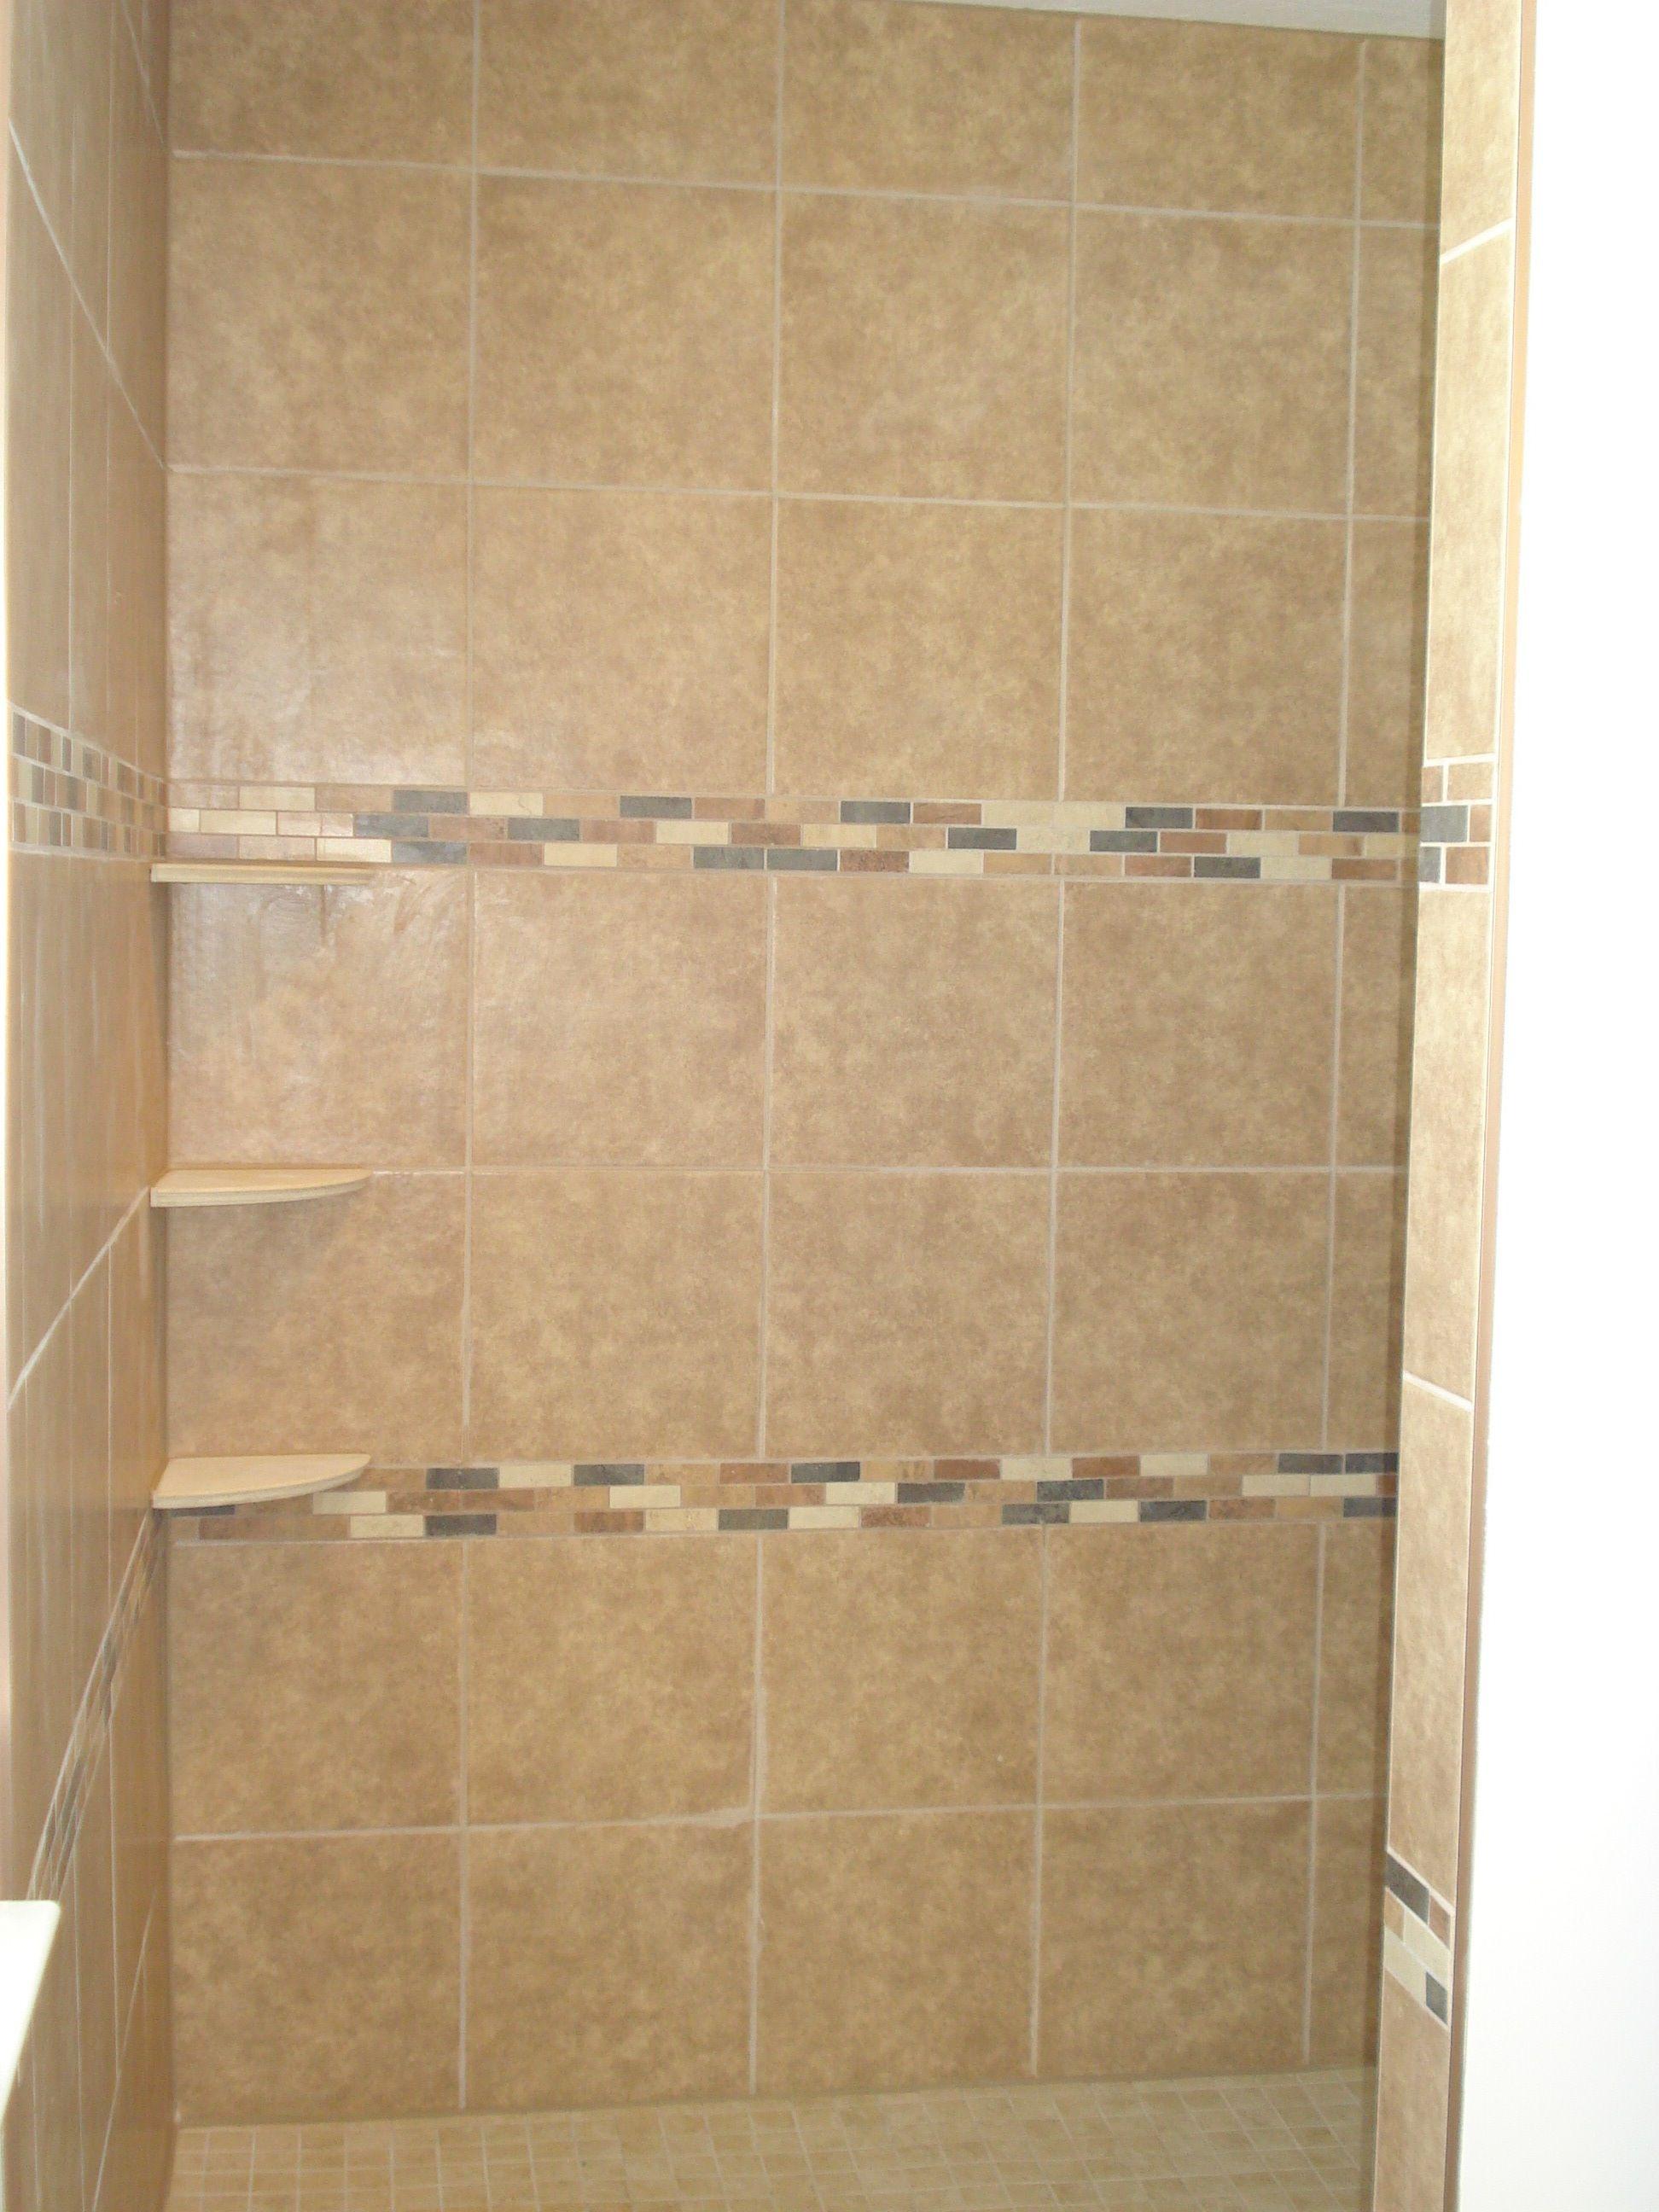 brown bathroom shower tile   Master bath remodel   Pinterest   Brown ...